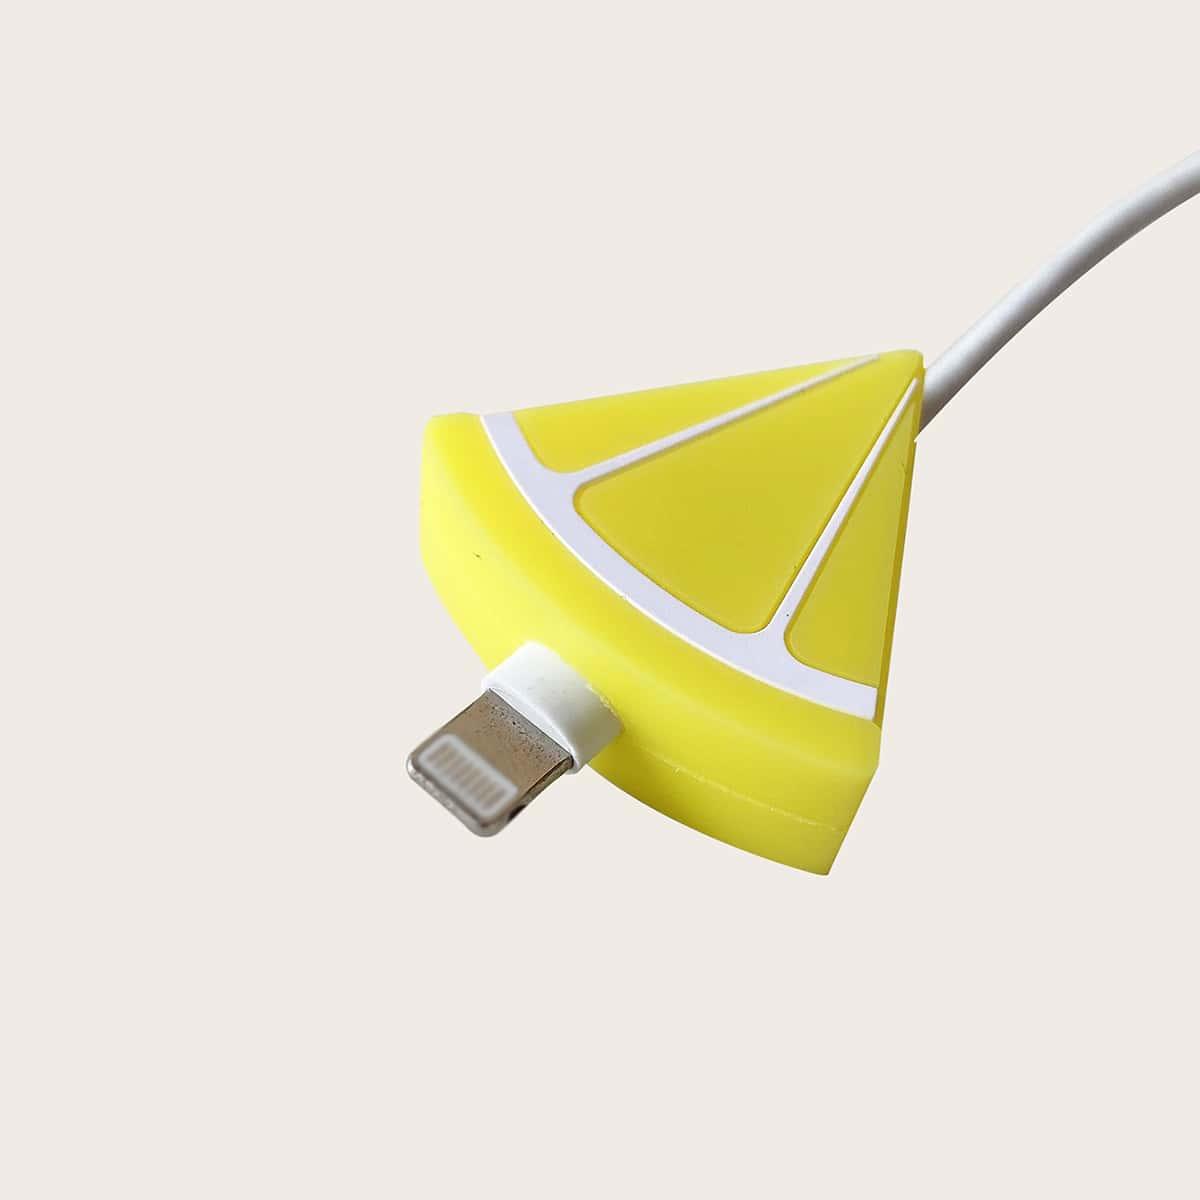 Protezione per cavo dati a forma di limone